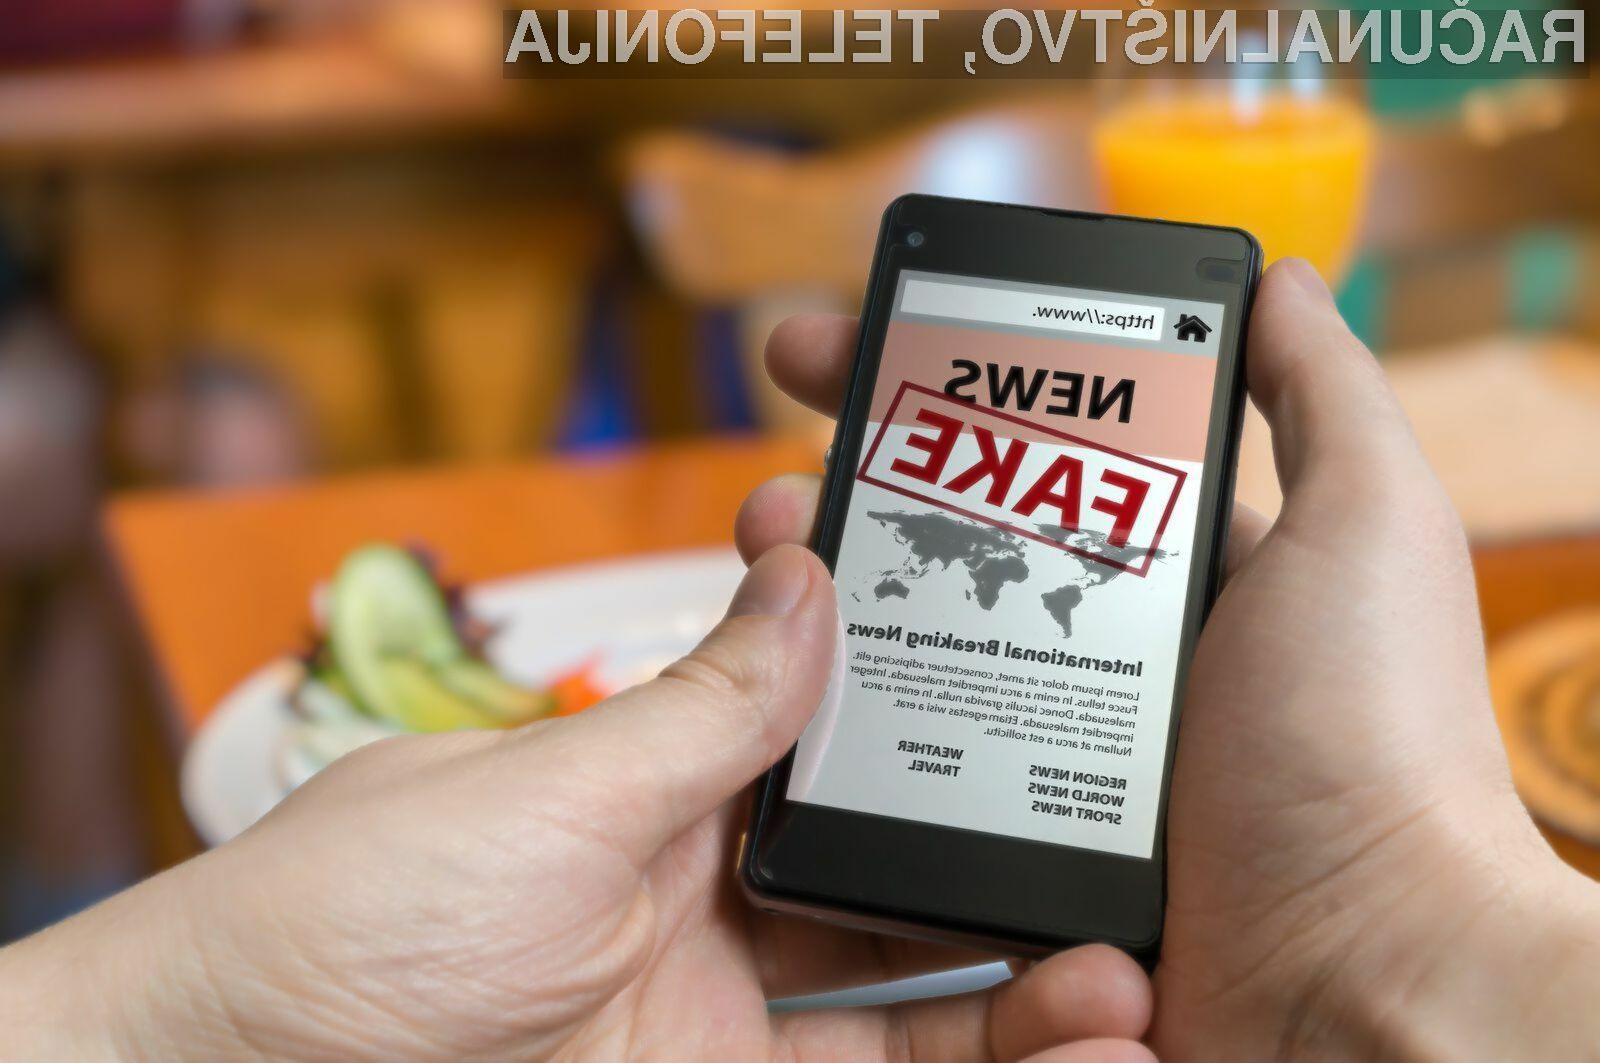 Vsem novicam enostavno ne gre slepo verjeti!